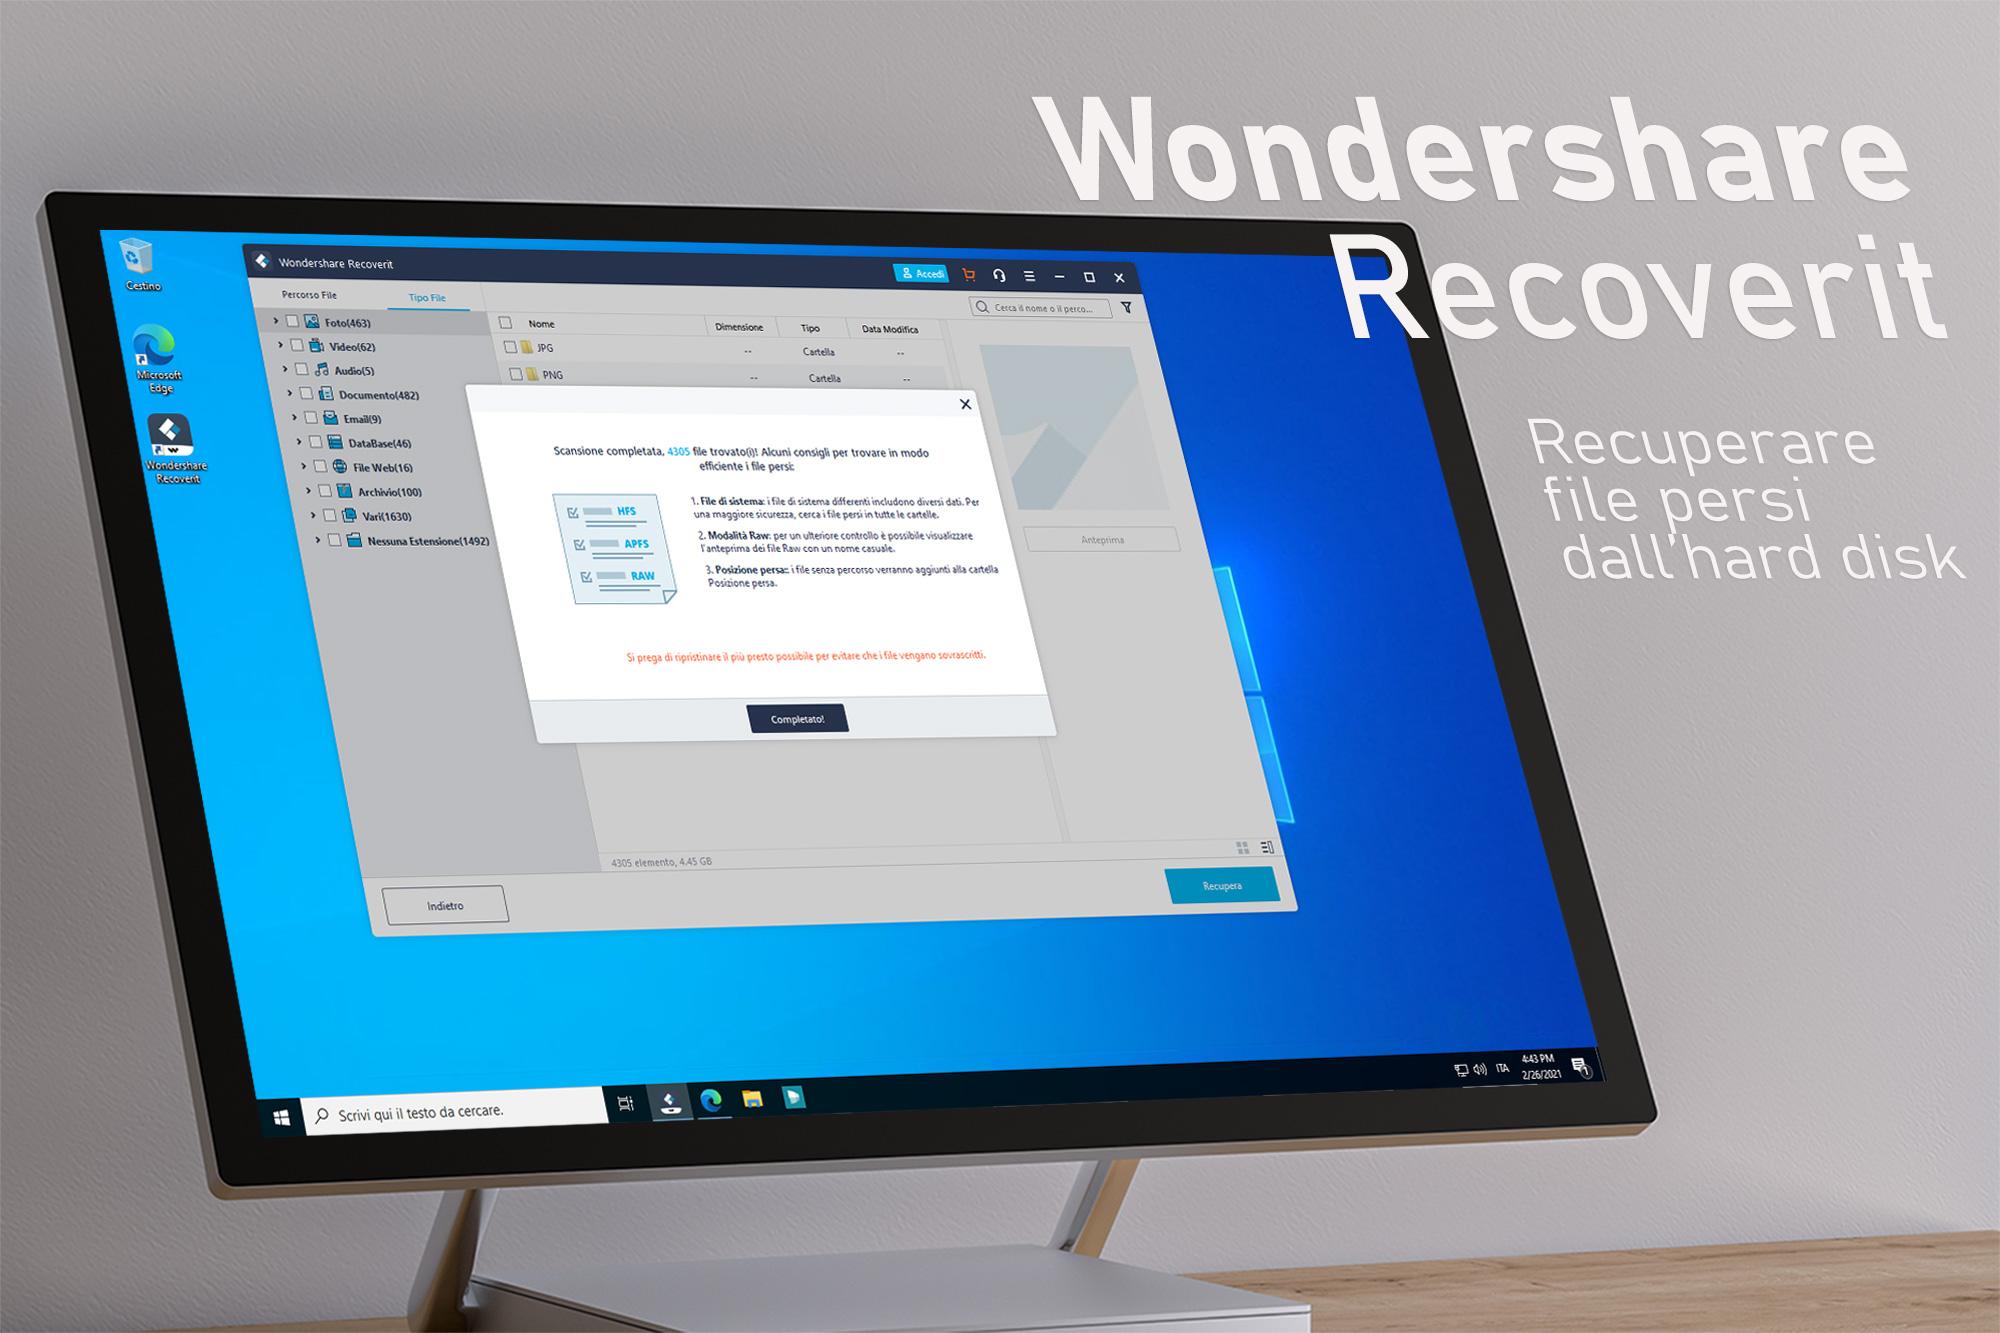 Wondershare Recoverit - Programma per il ripristino di file e dati danneggiati dall'hard disk